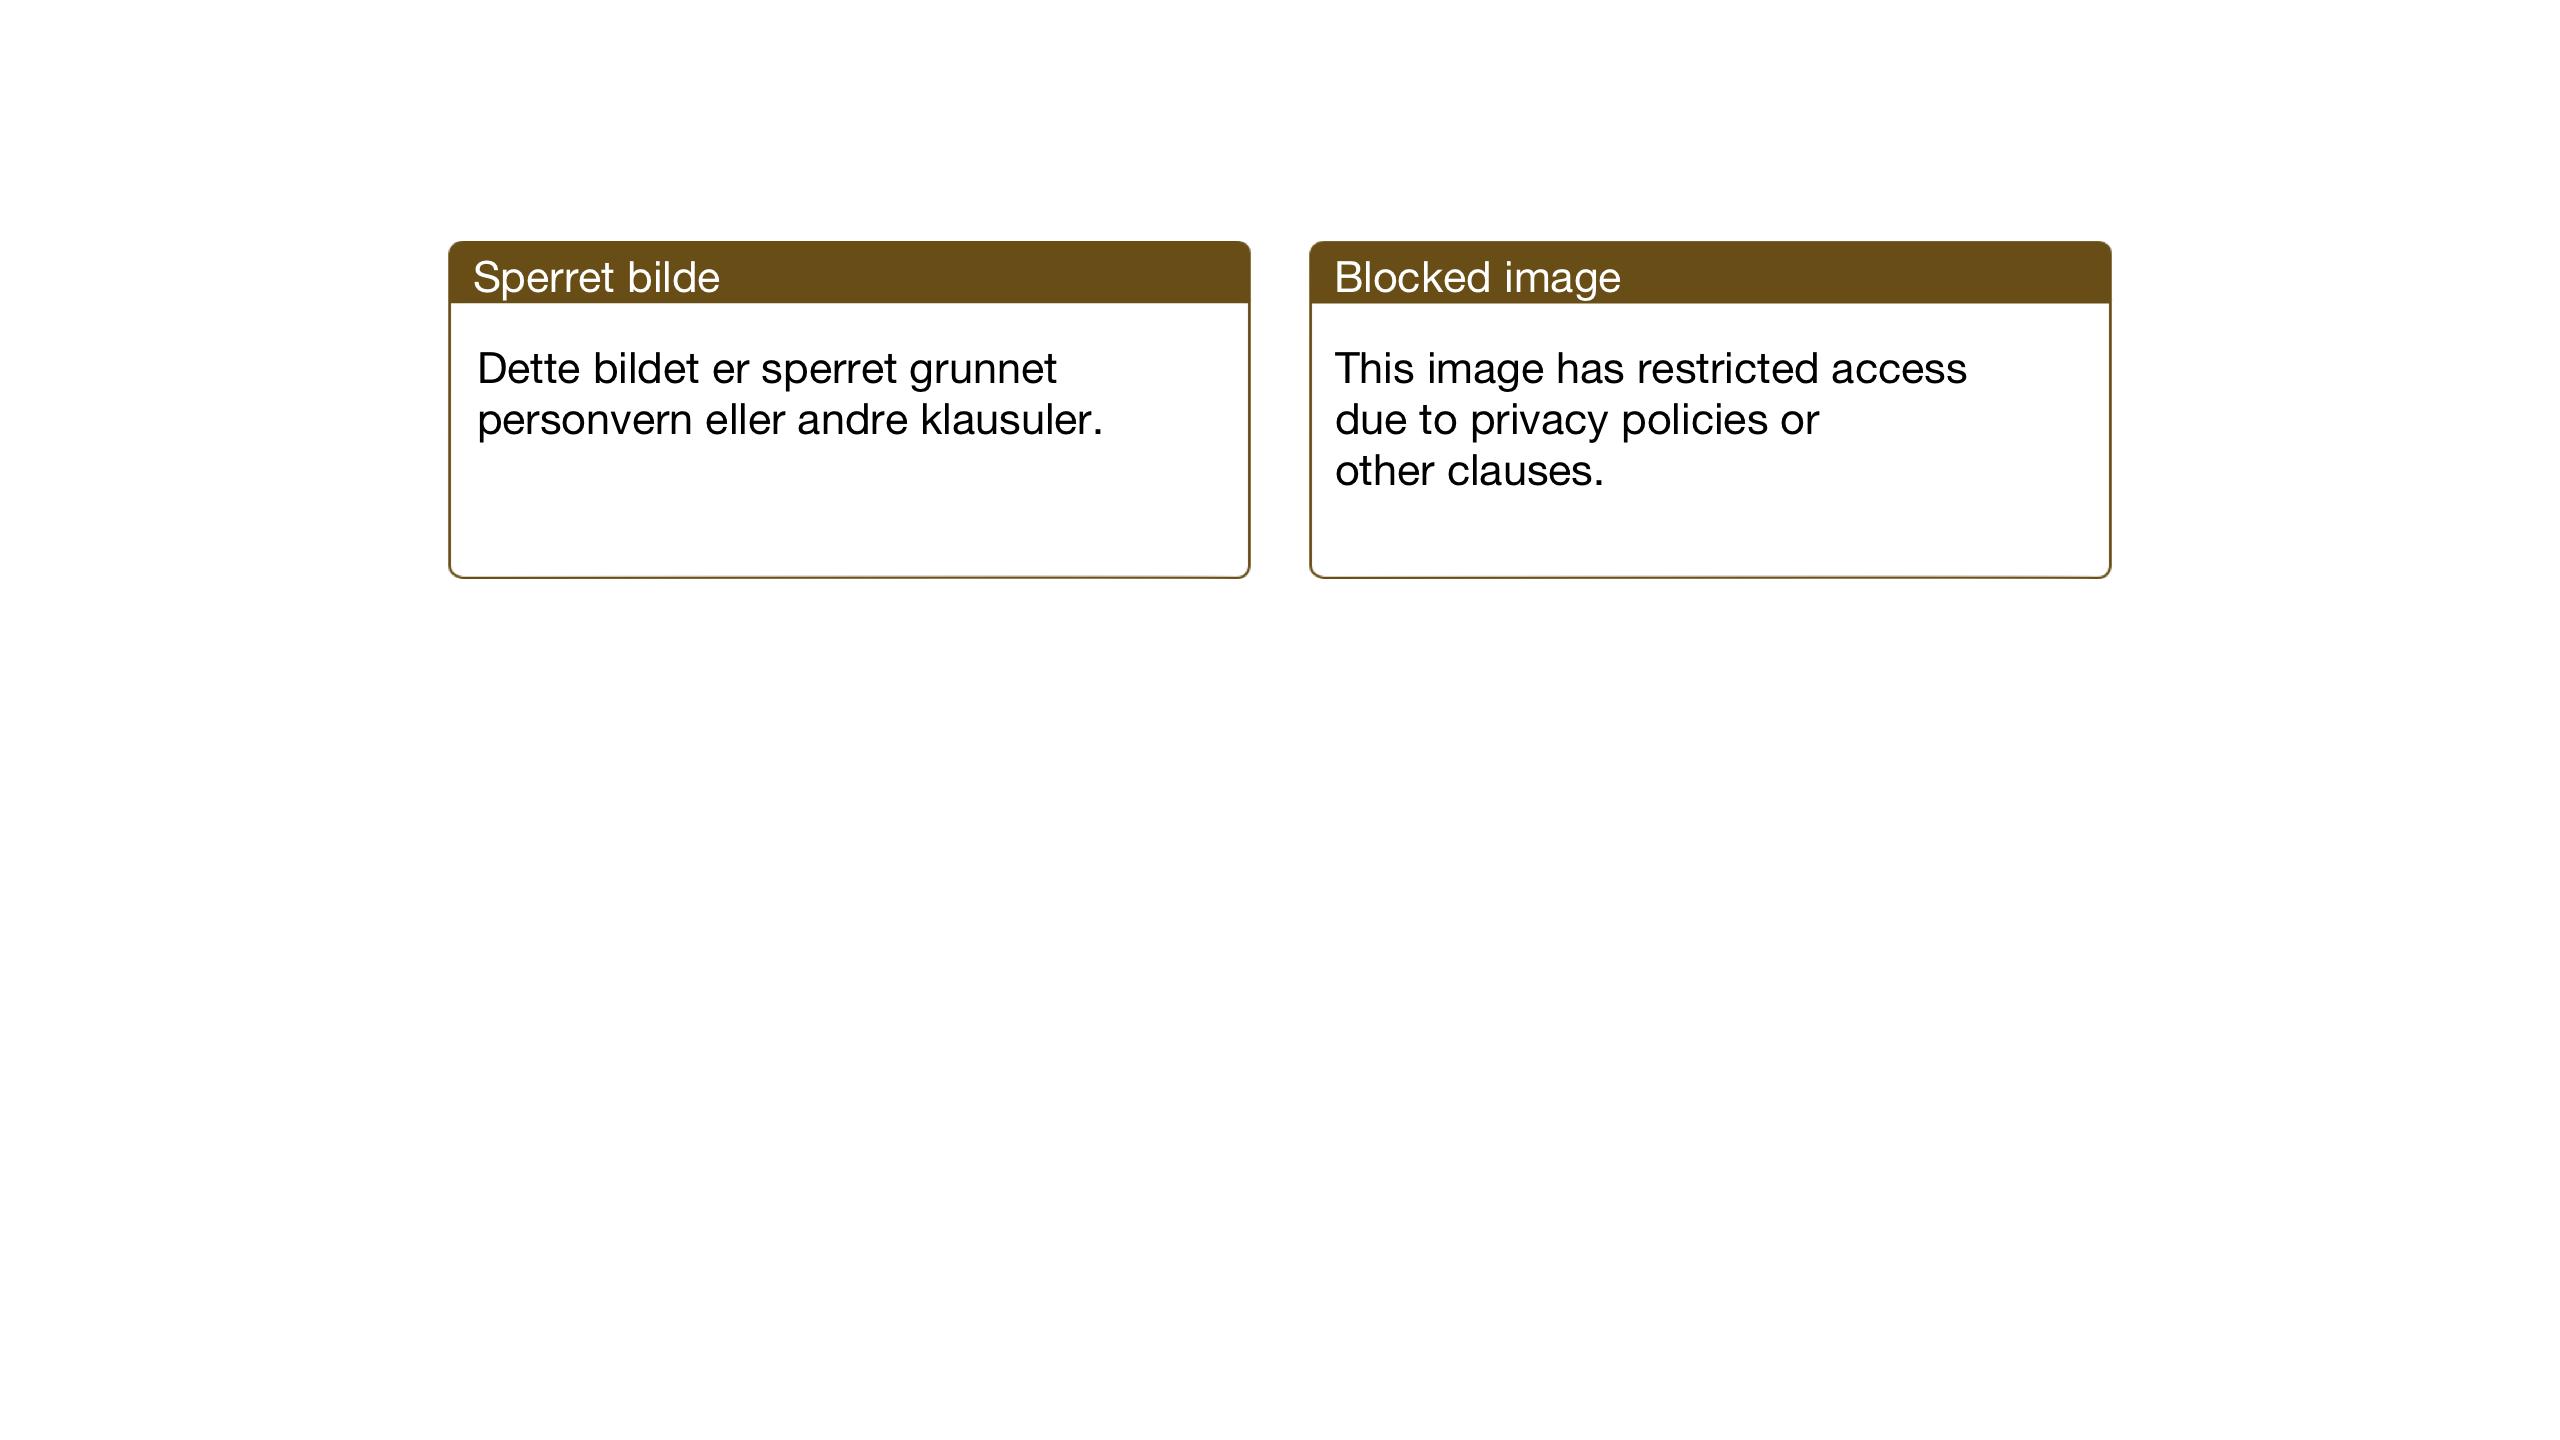 SAT, Ministerialprotokoller, klokkerbøker og fødselsregistre - Sør-Trøndelag, 670/L0837: Klokkerbok nr. 670C01, 1905-1946, s. 348-349